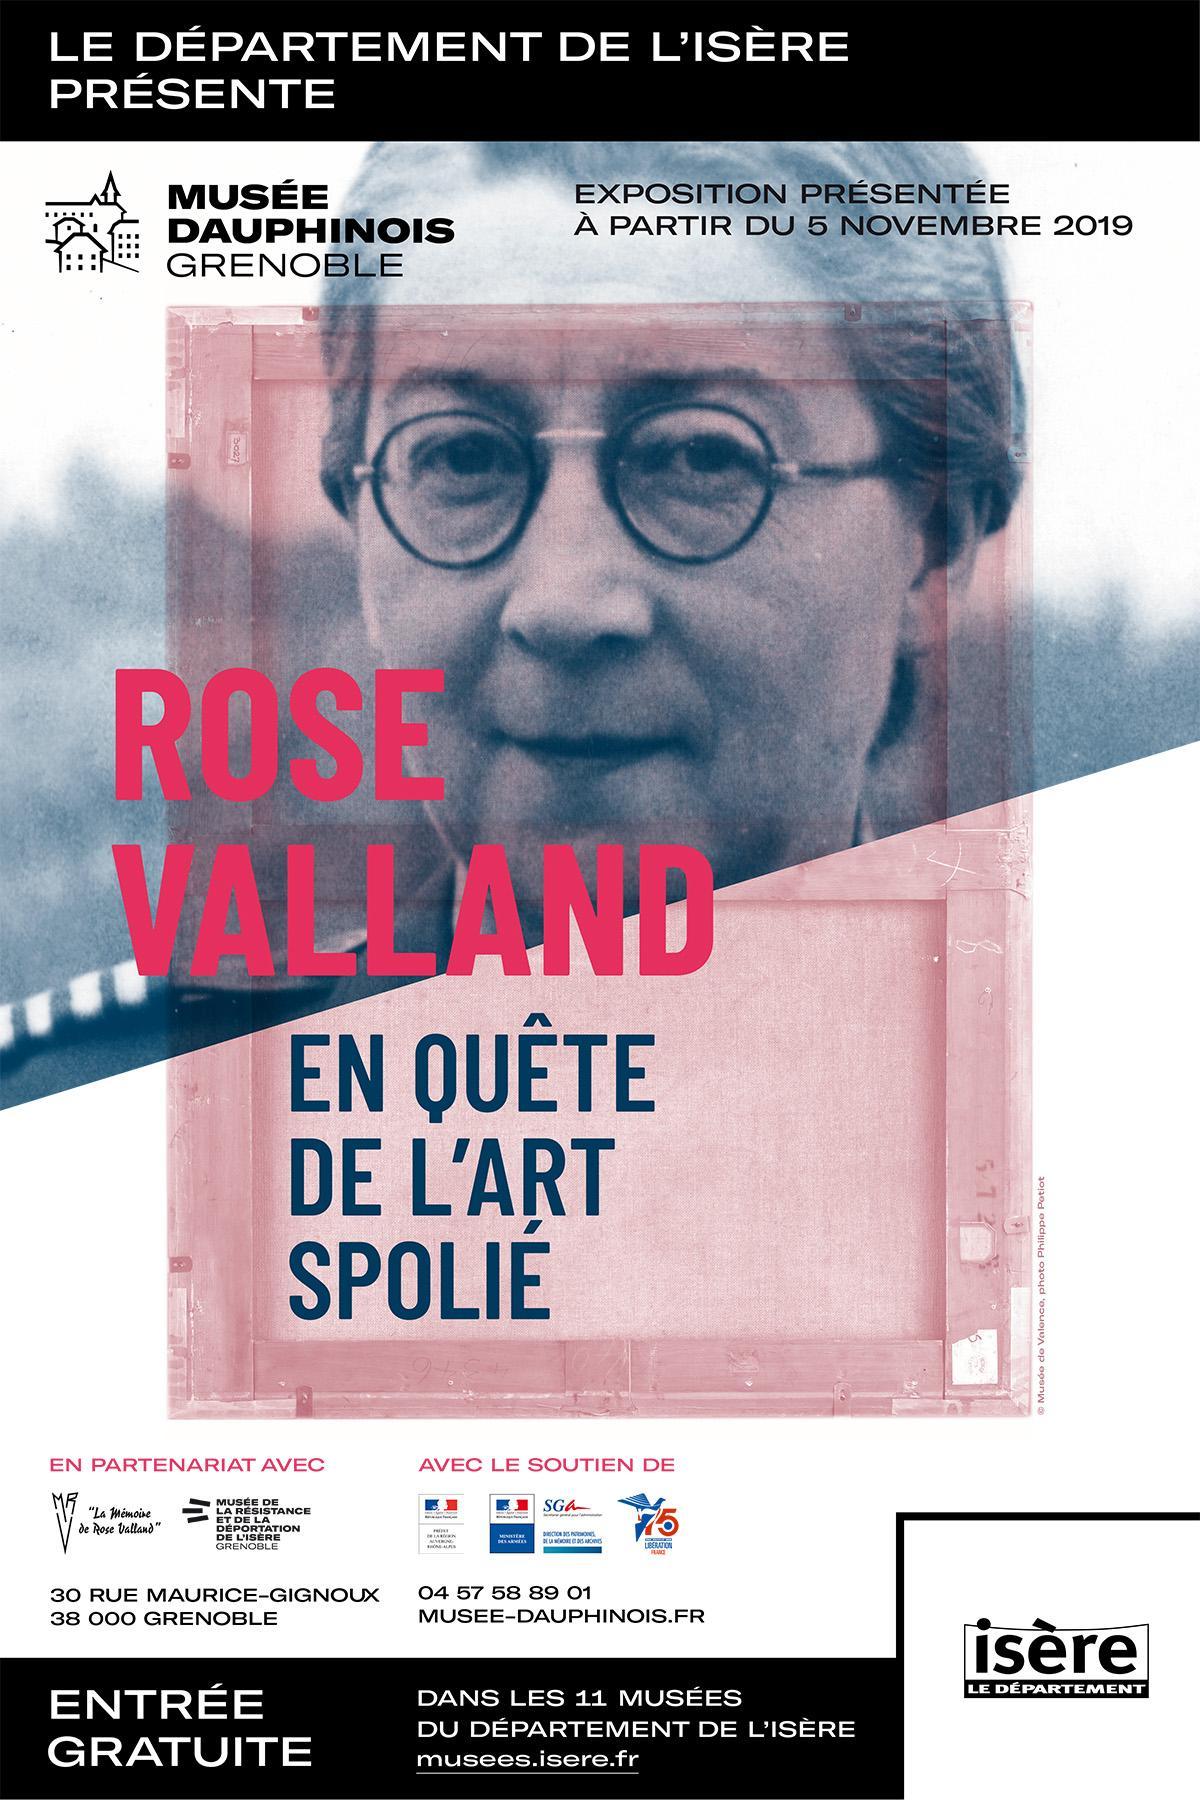 Rose Valland. En quête de l'art spolié